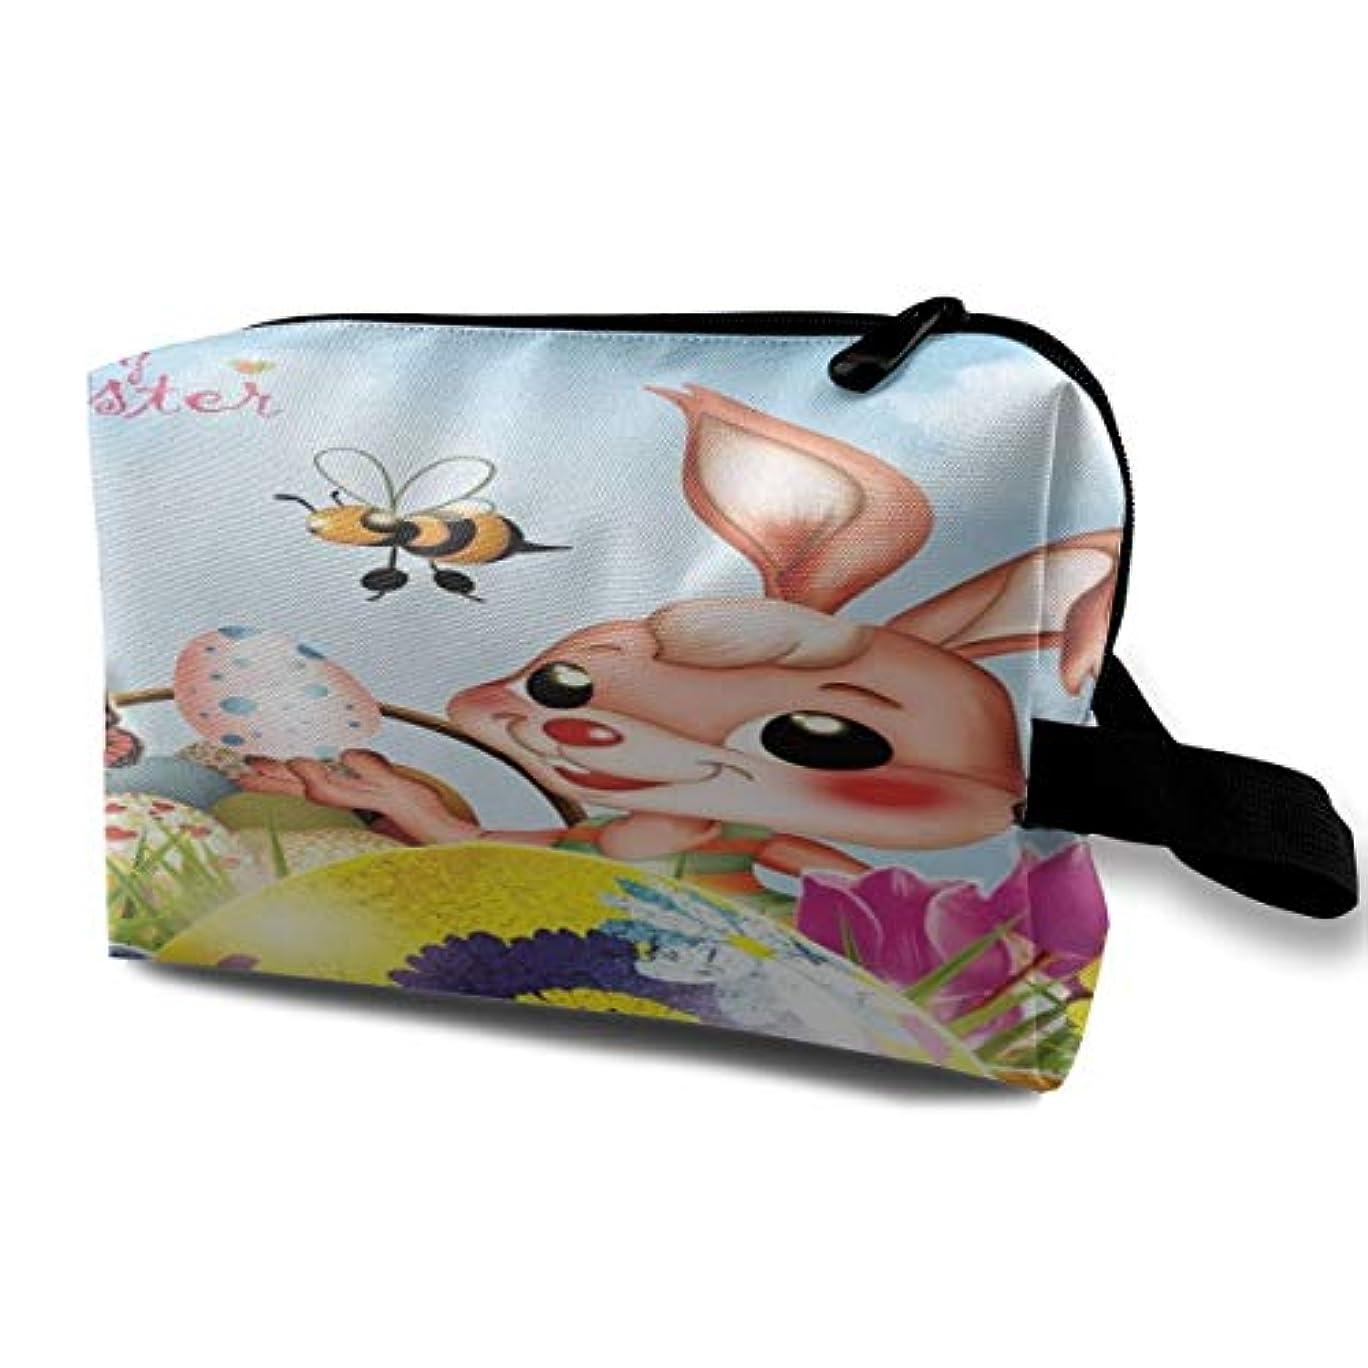 夫婦暴徒武器Happy Easter Bunny Eggs Butterfly 収納ポーチ 化粧ポーチ 大容量 軽量 耐久性 ハンドル付持ち運び便利。入れ 自宅?出張?旅行?アウトドア撮影などに対応。メンズ レディース トラベルグッズ